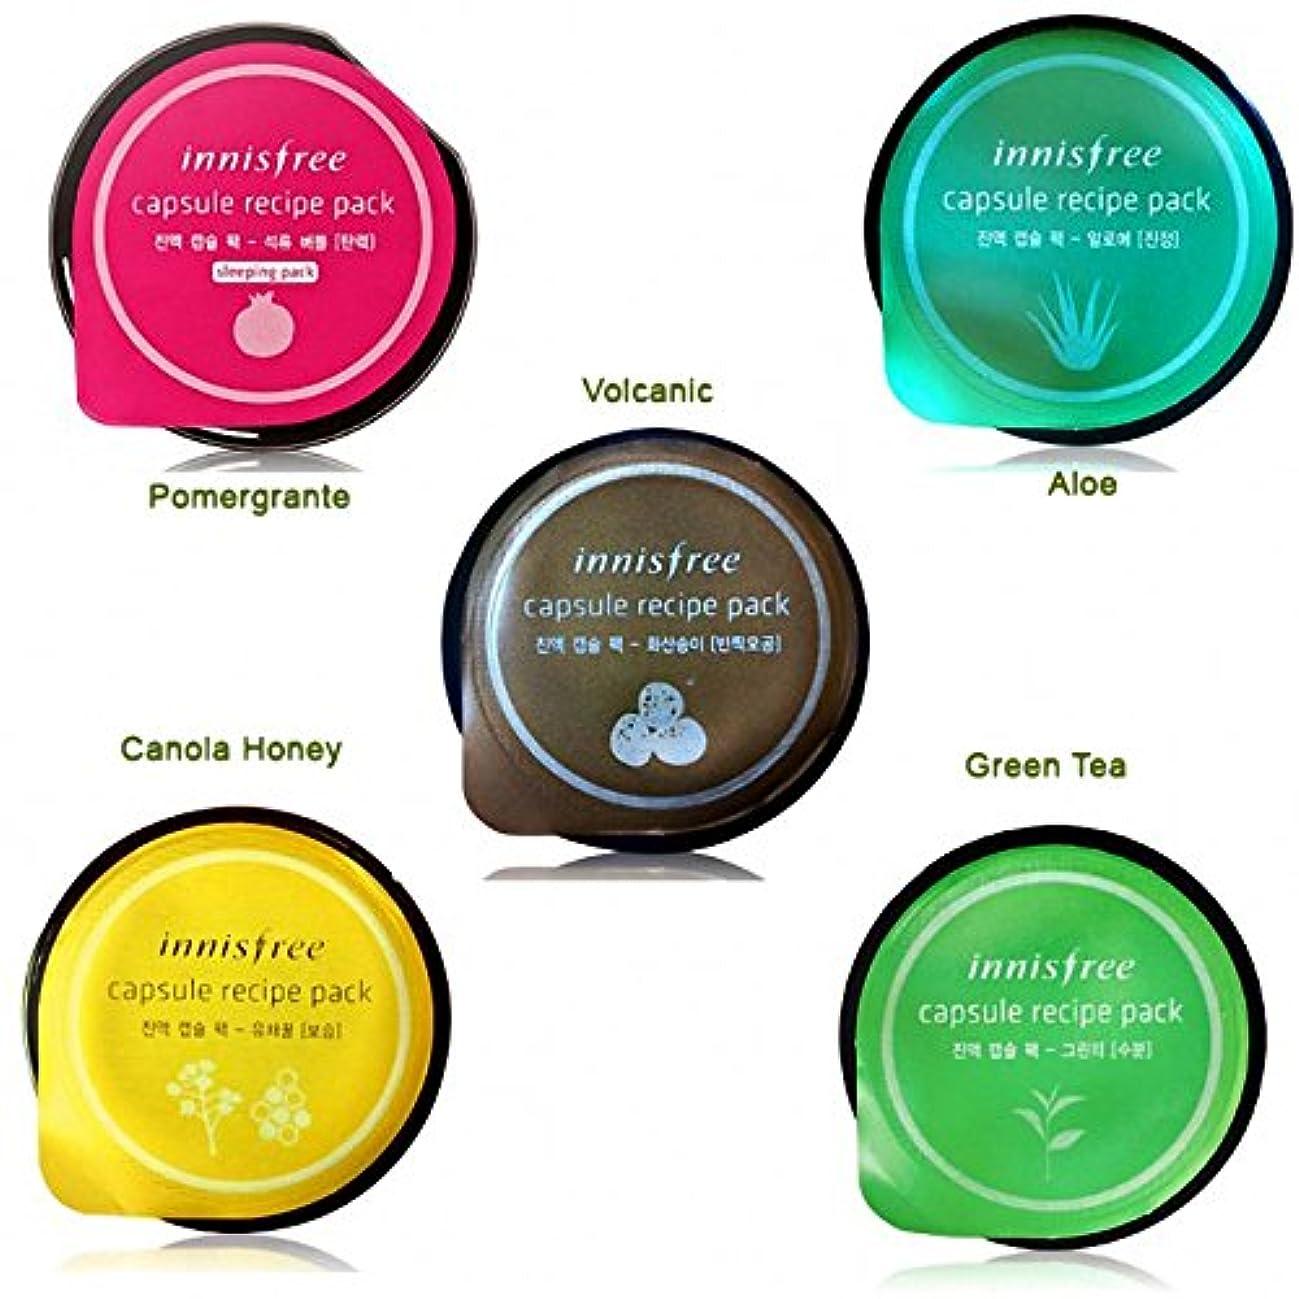 チャンス眠っている会社イニスフリー Innisfree 津液 カプセルパックセット(10mlx5種類) Innisfree Capsule Recipe Pack Set(10mlx5Kinds)[海外直送品]